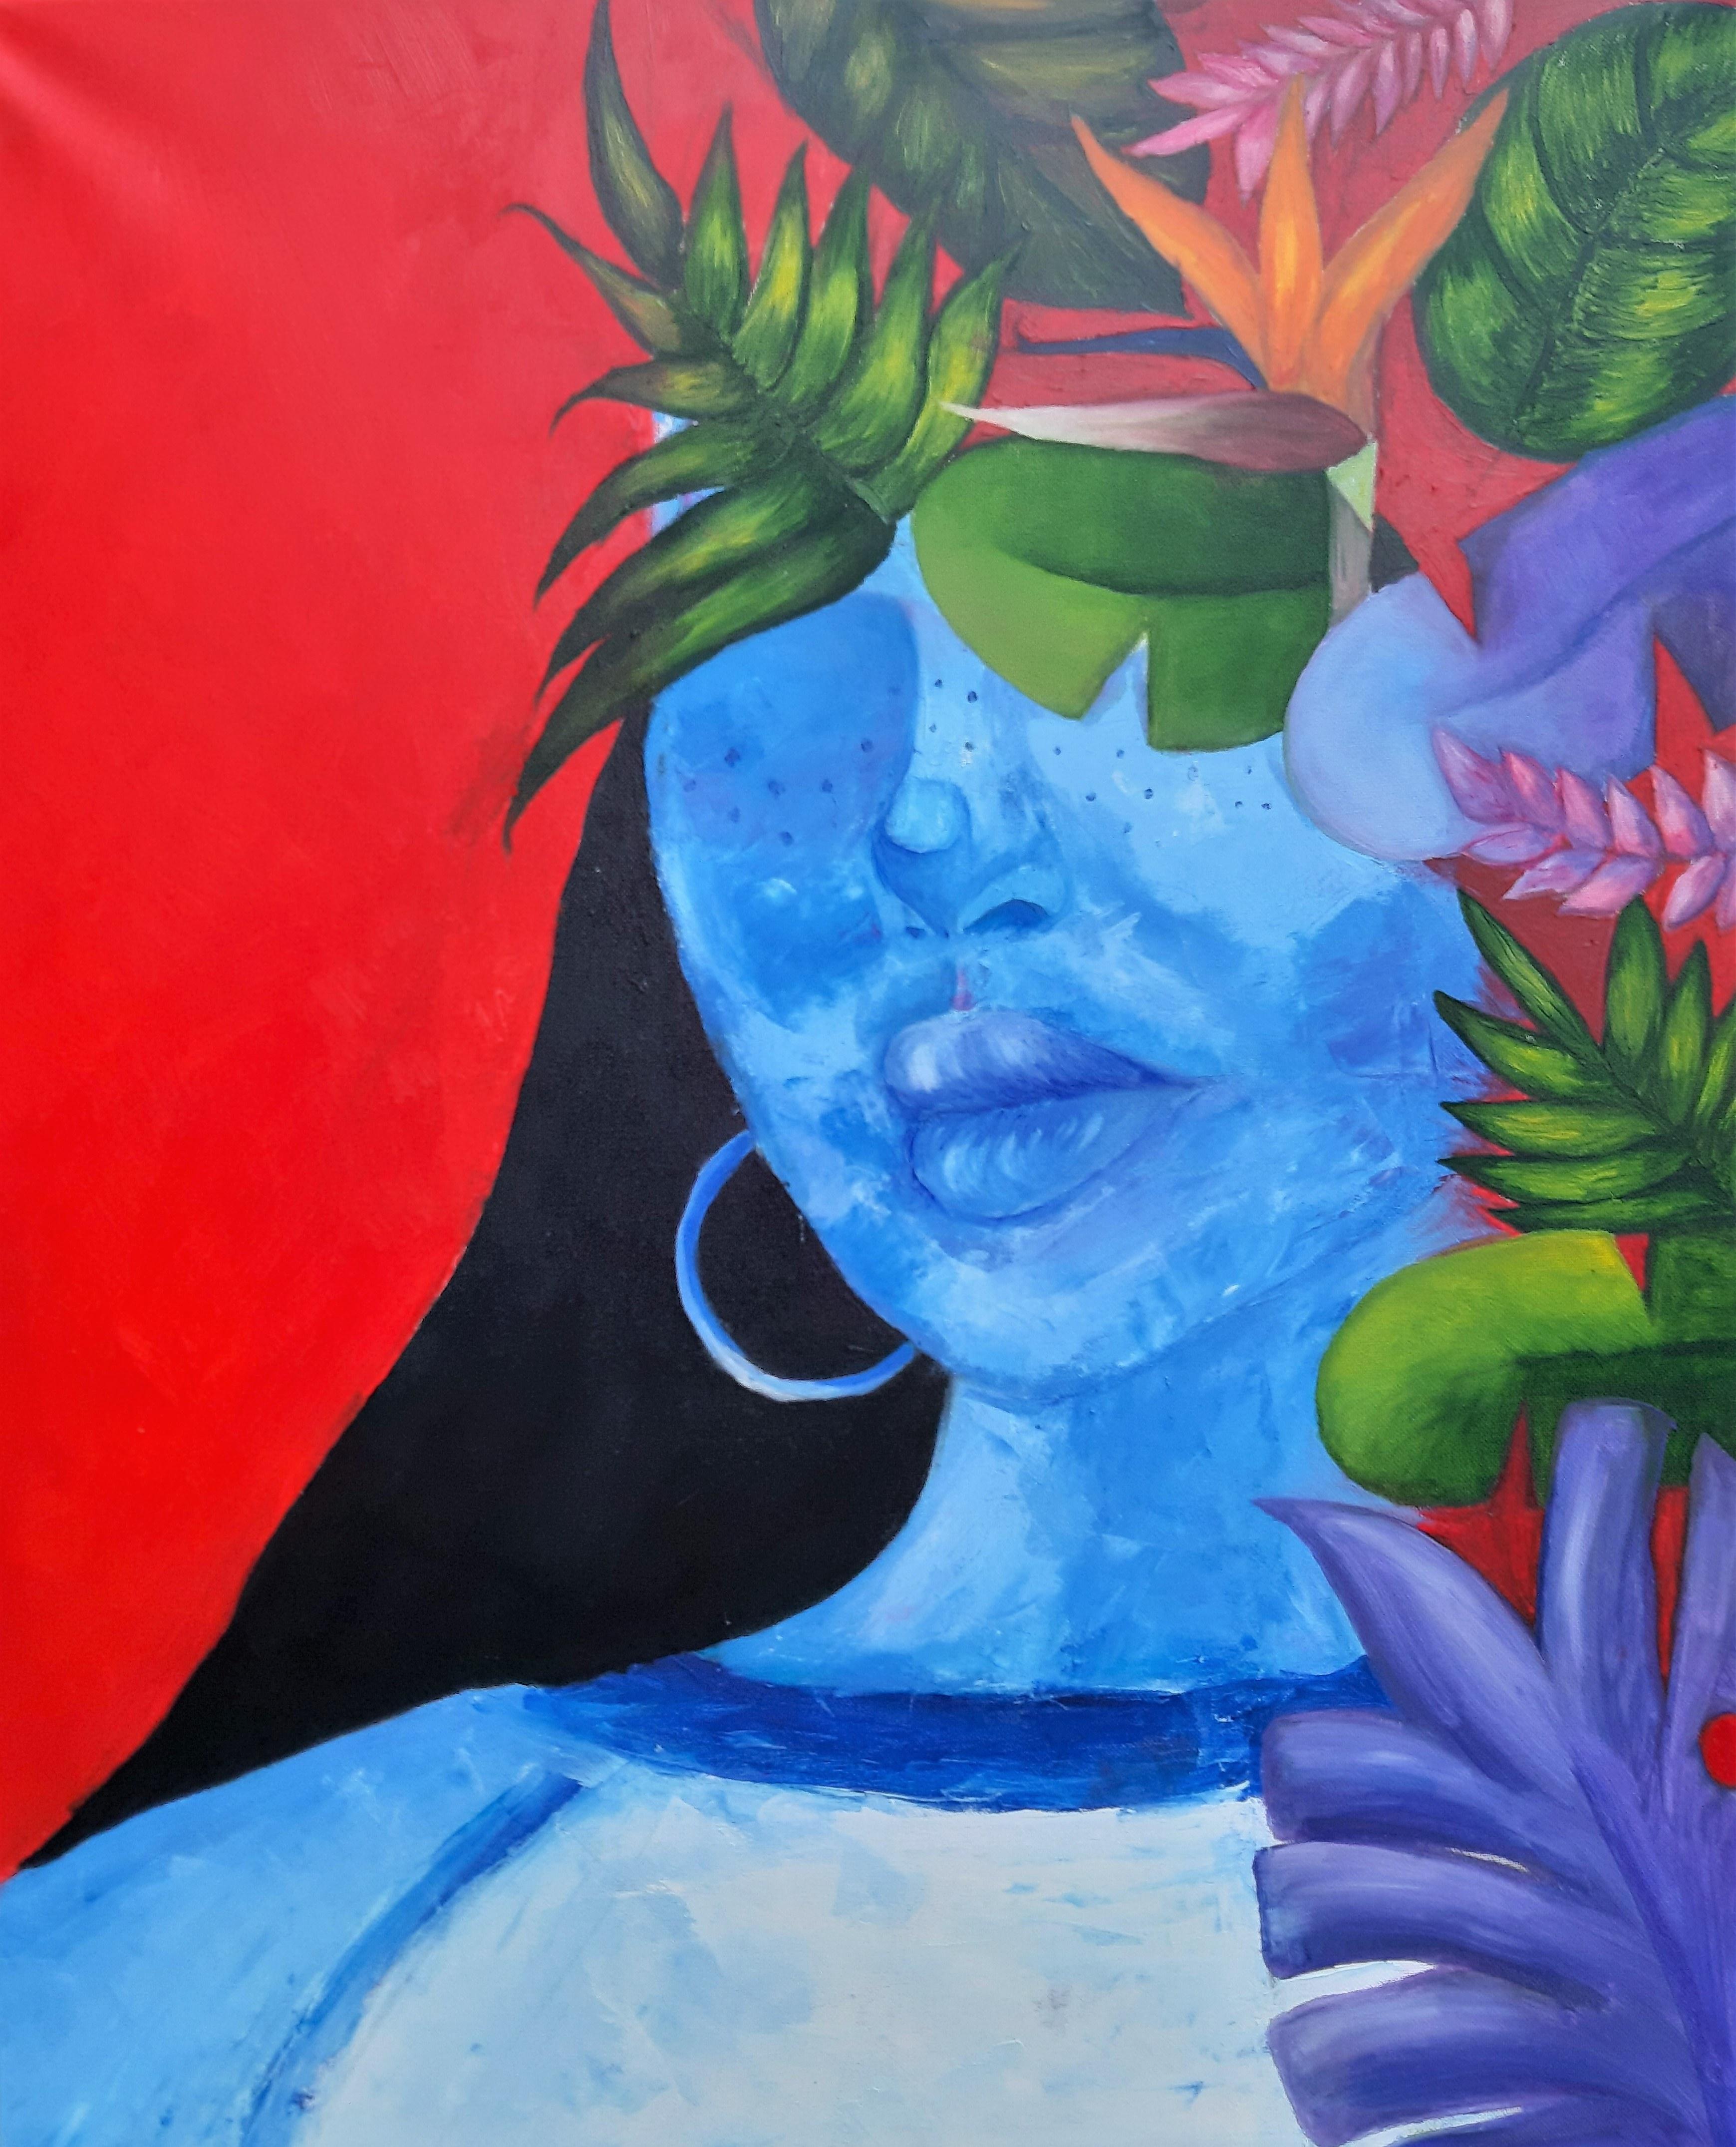 Diana Godna, Blue girl